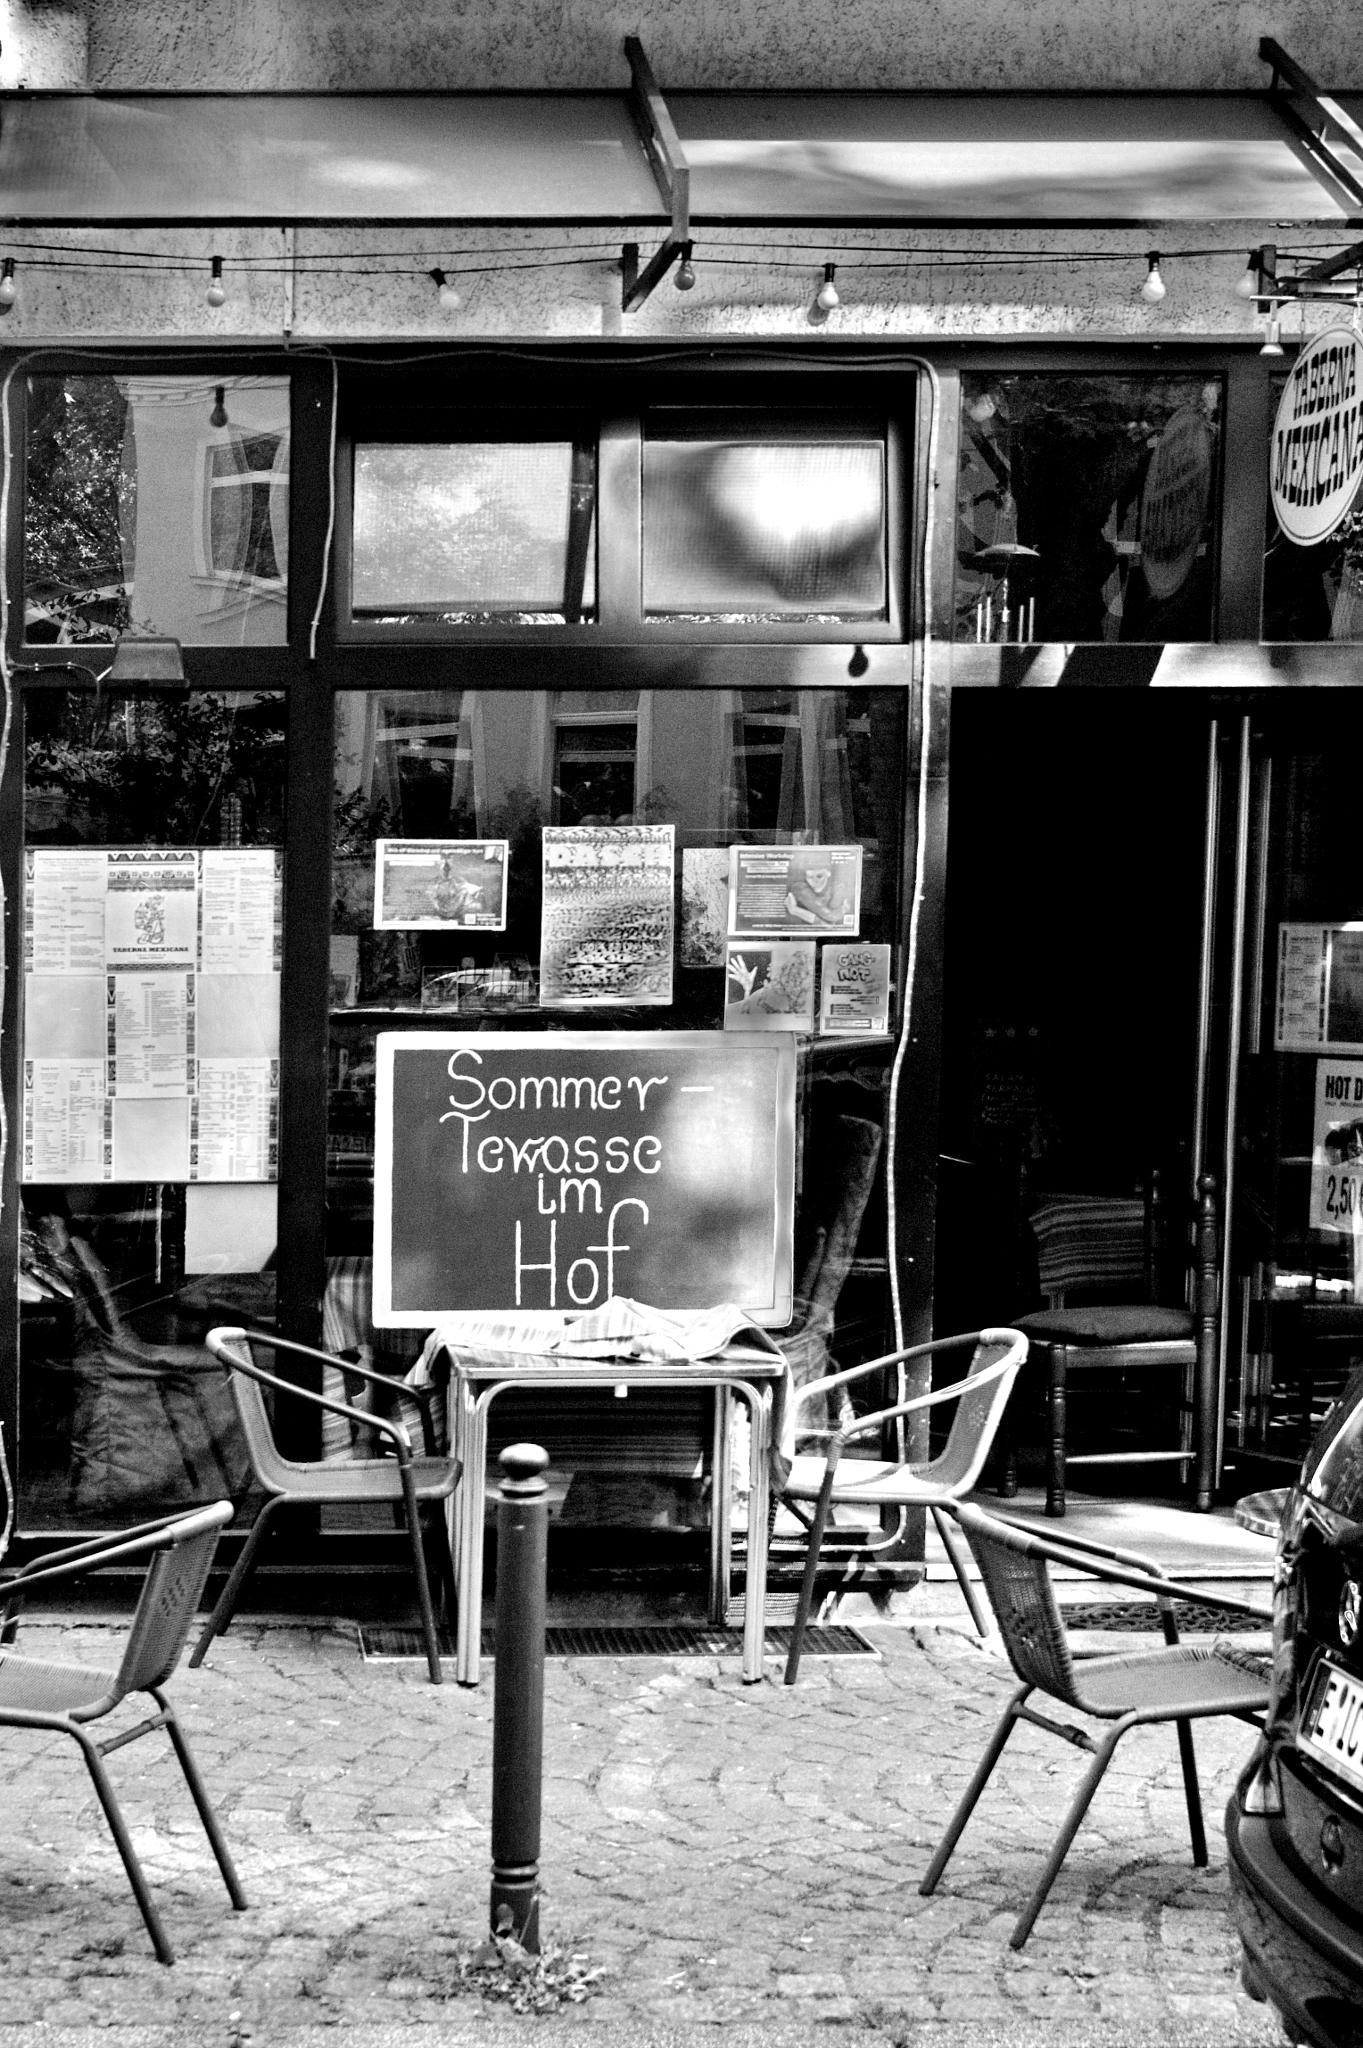 ... a cafe in Essen, North Rhine Westphalia by Underground Photography